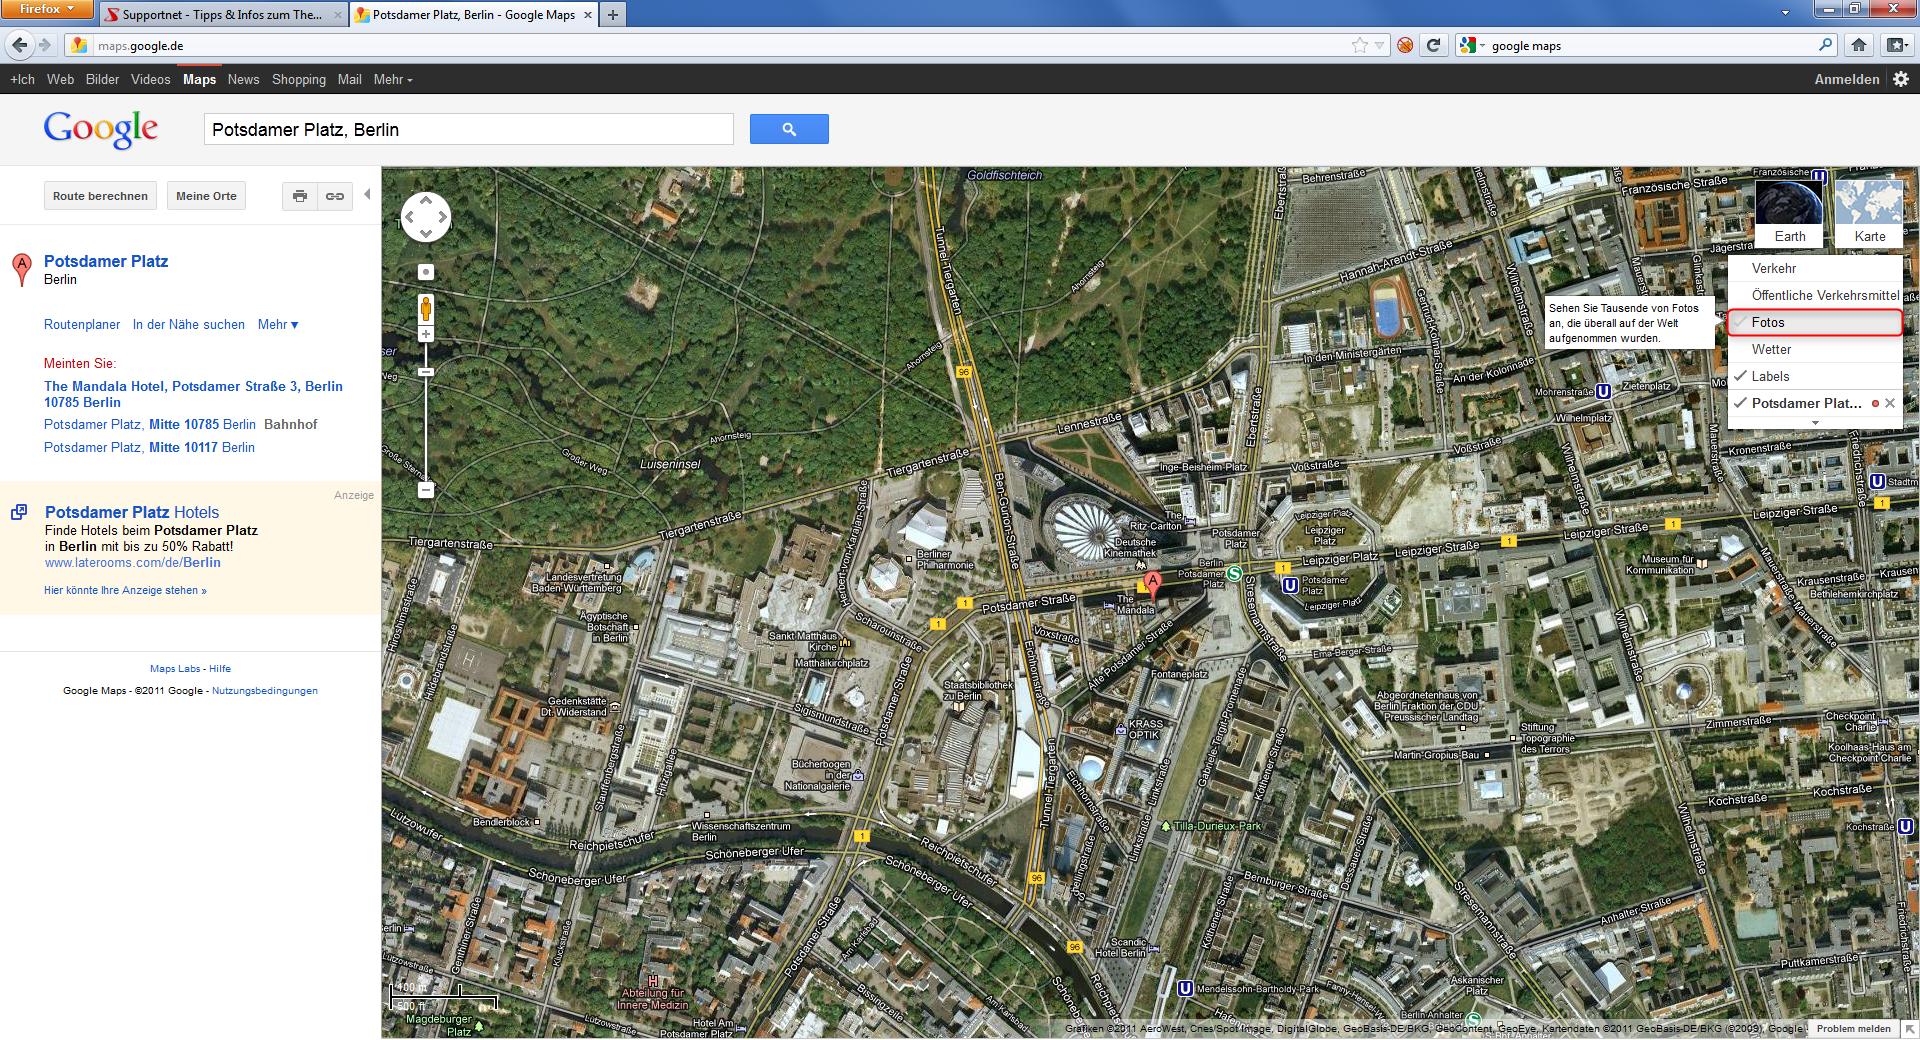 04-google-maps-die-welt-von-oben-foos-aktivieren-470.png?nocache=1325766355307